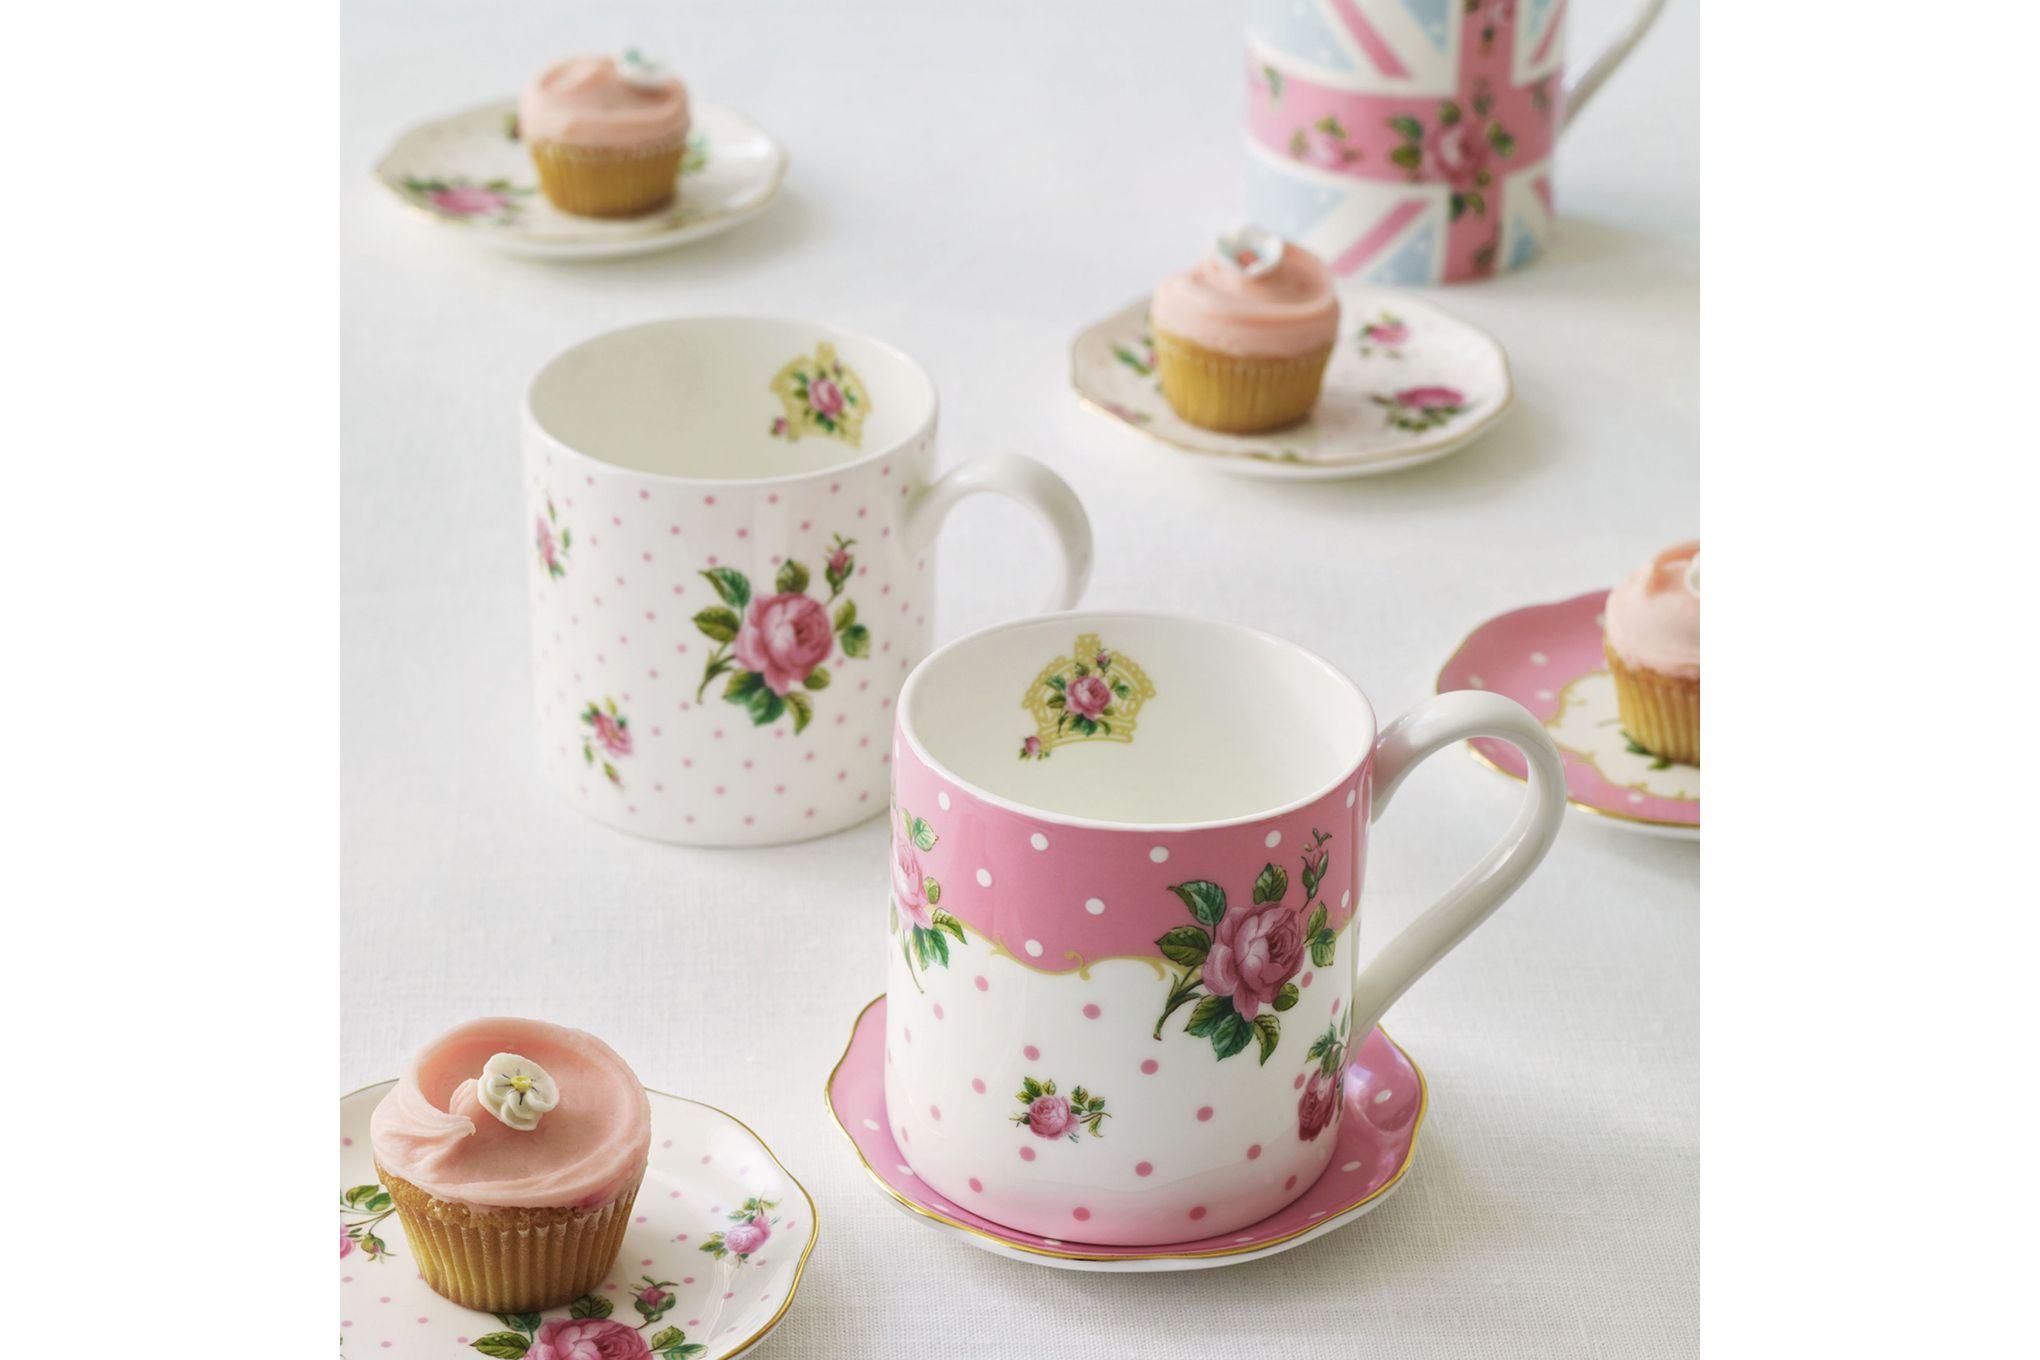 Royal Albert Cheeky Pink Mug Union Jack - Modern Mug thumb 2